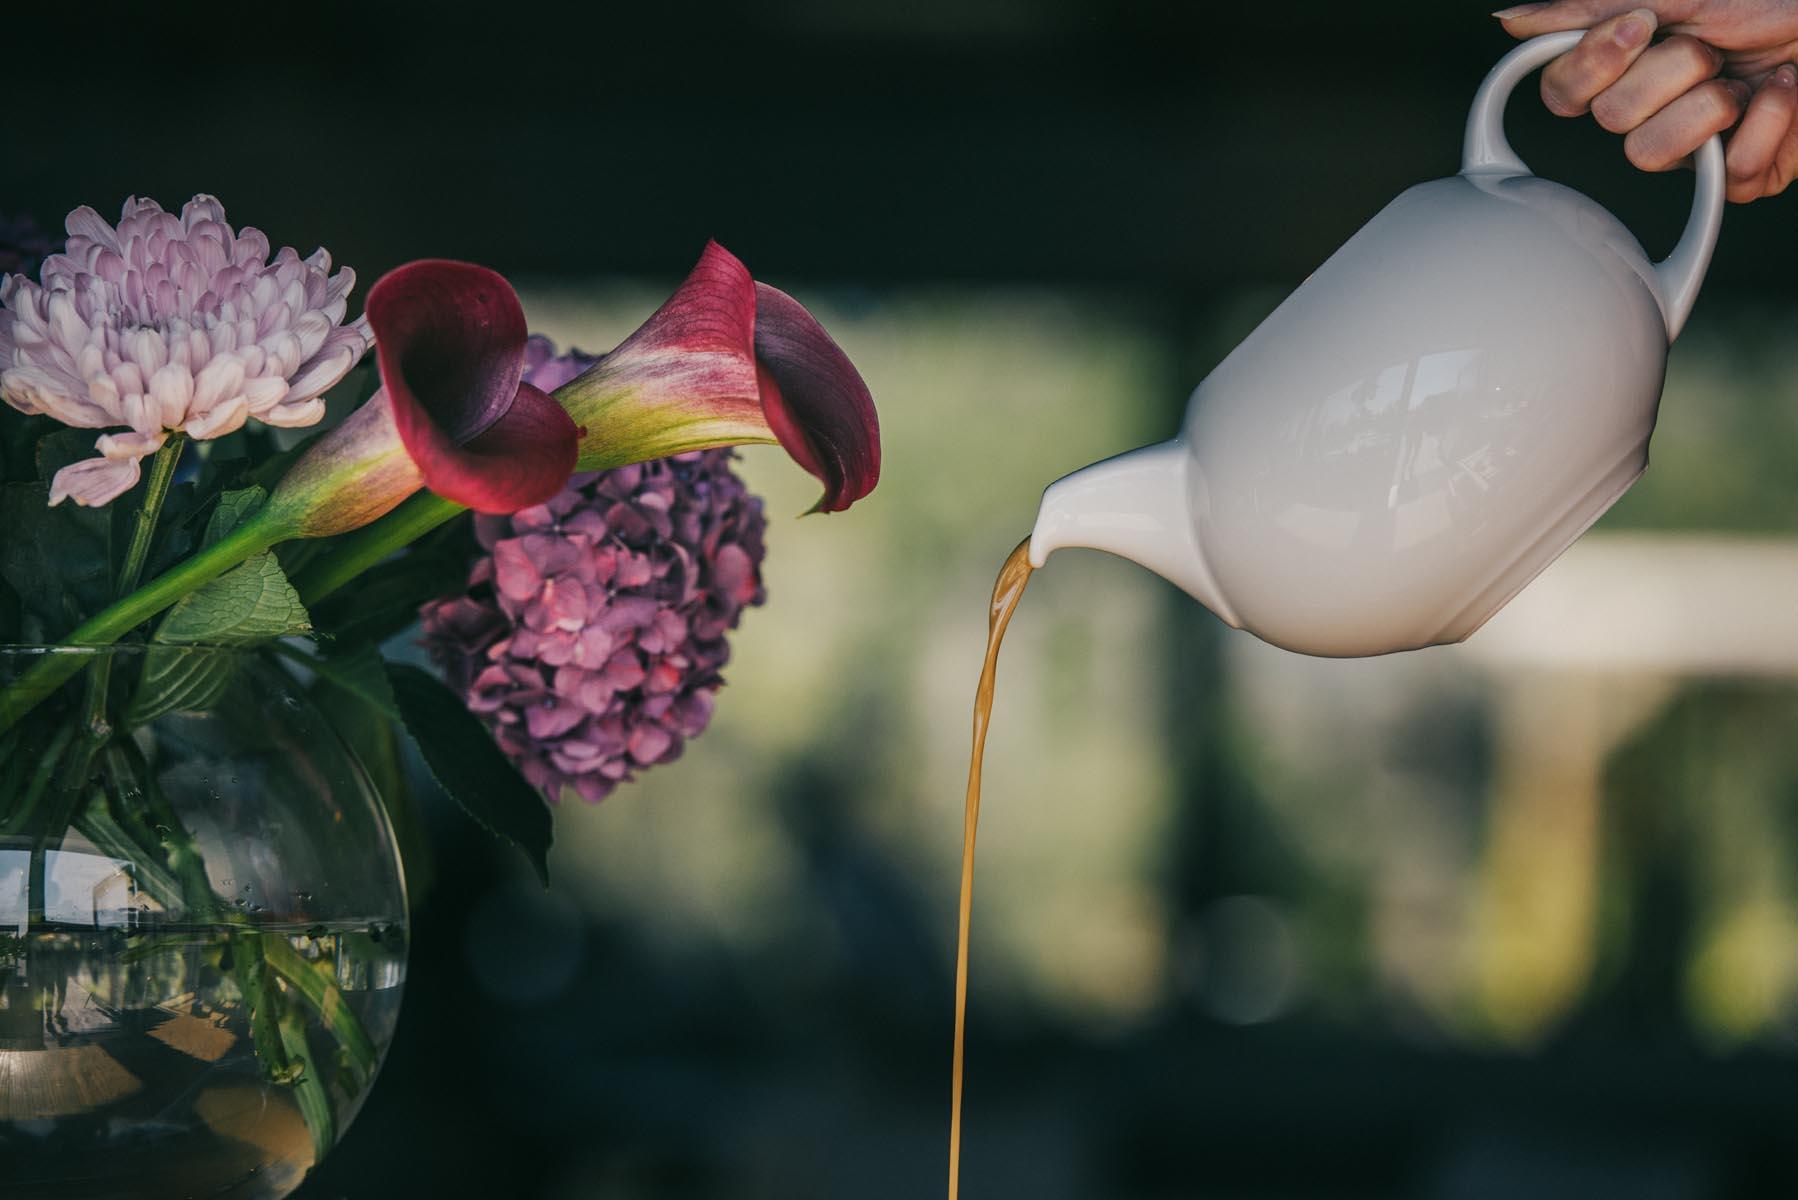 sås och blommor